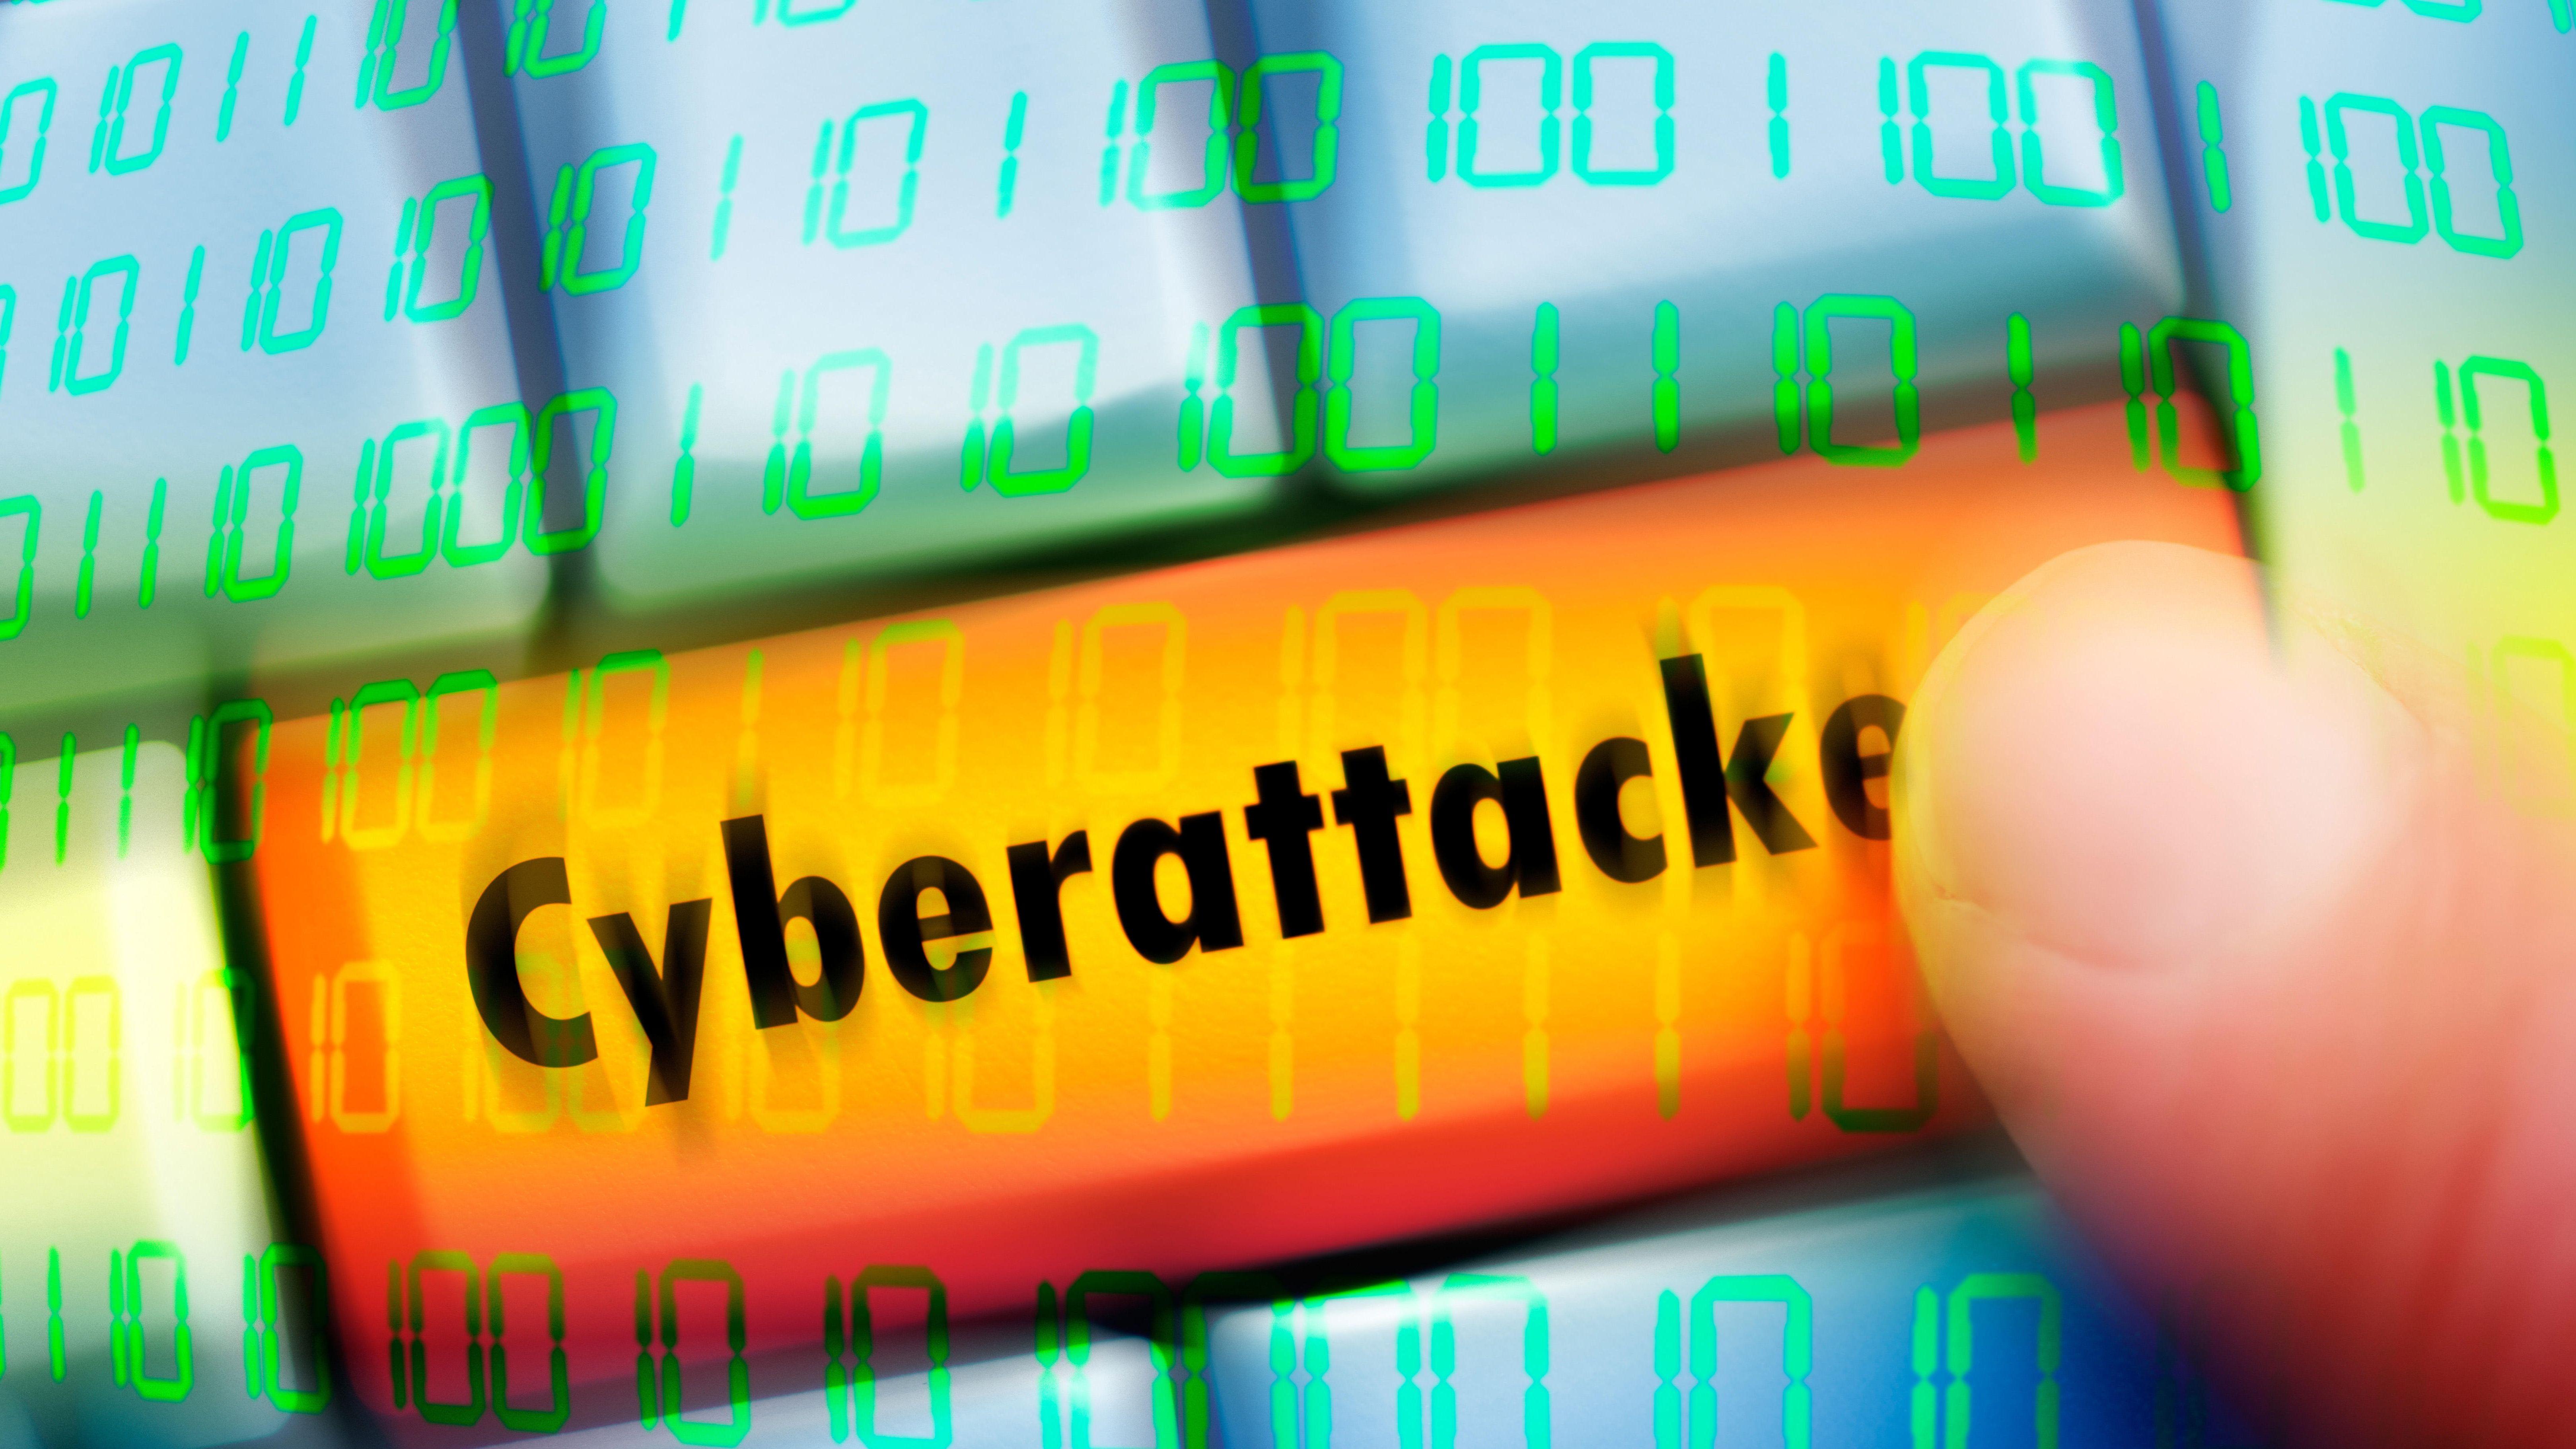 Computertaste mit der Aufschrift Cyberattacke